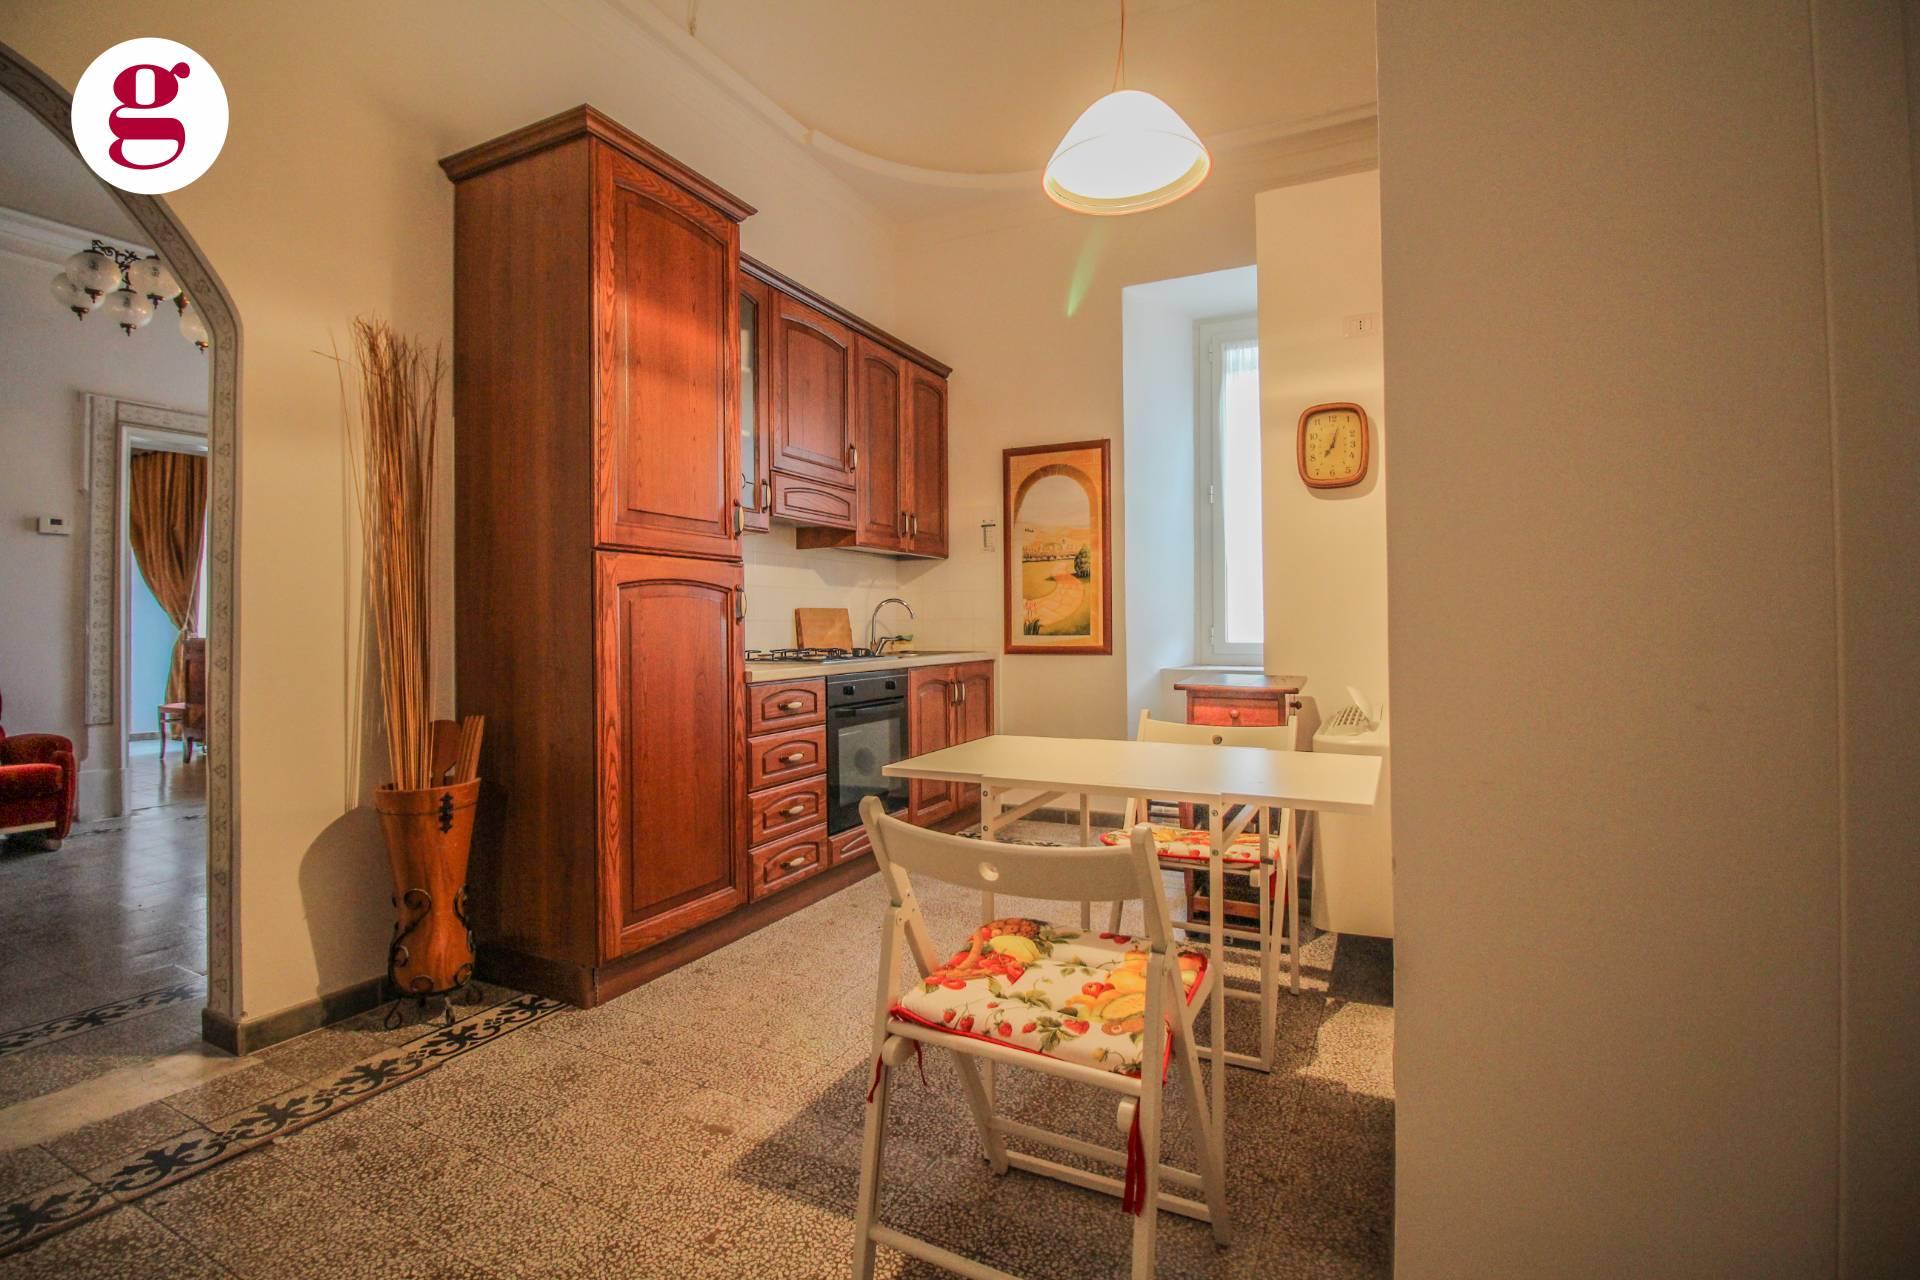 Appartamento in affitto a Vasto (CH)